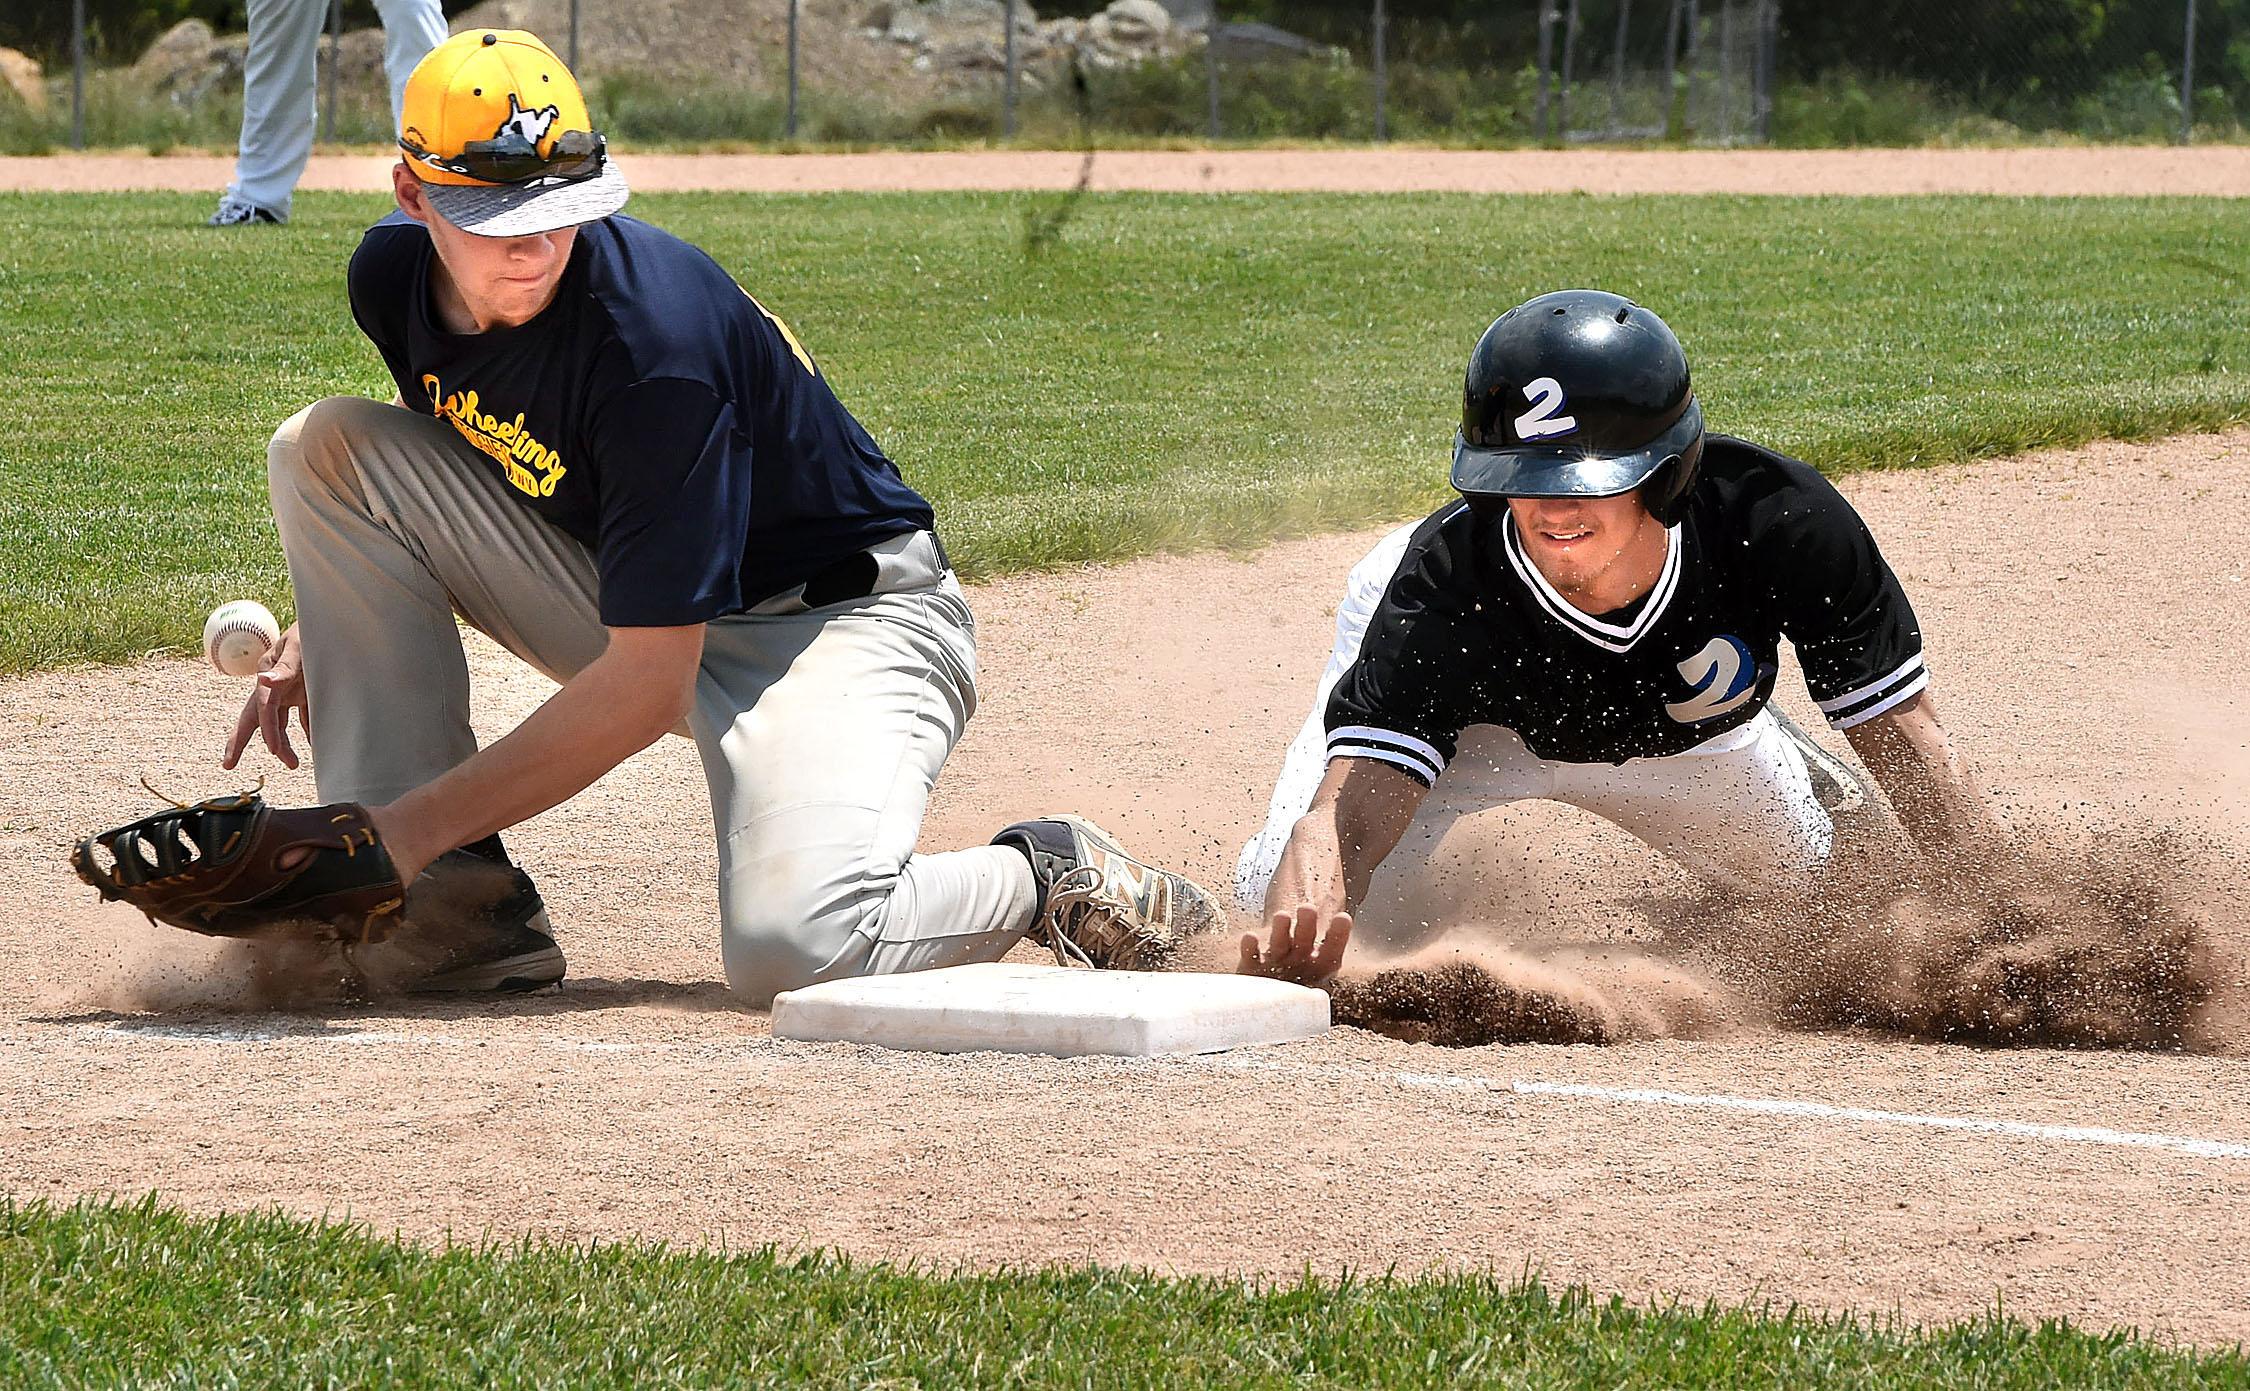 baseball play at the bag